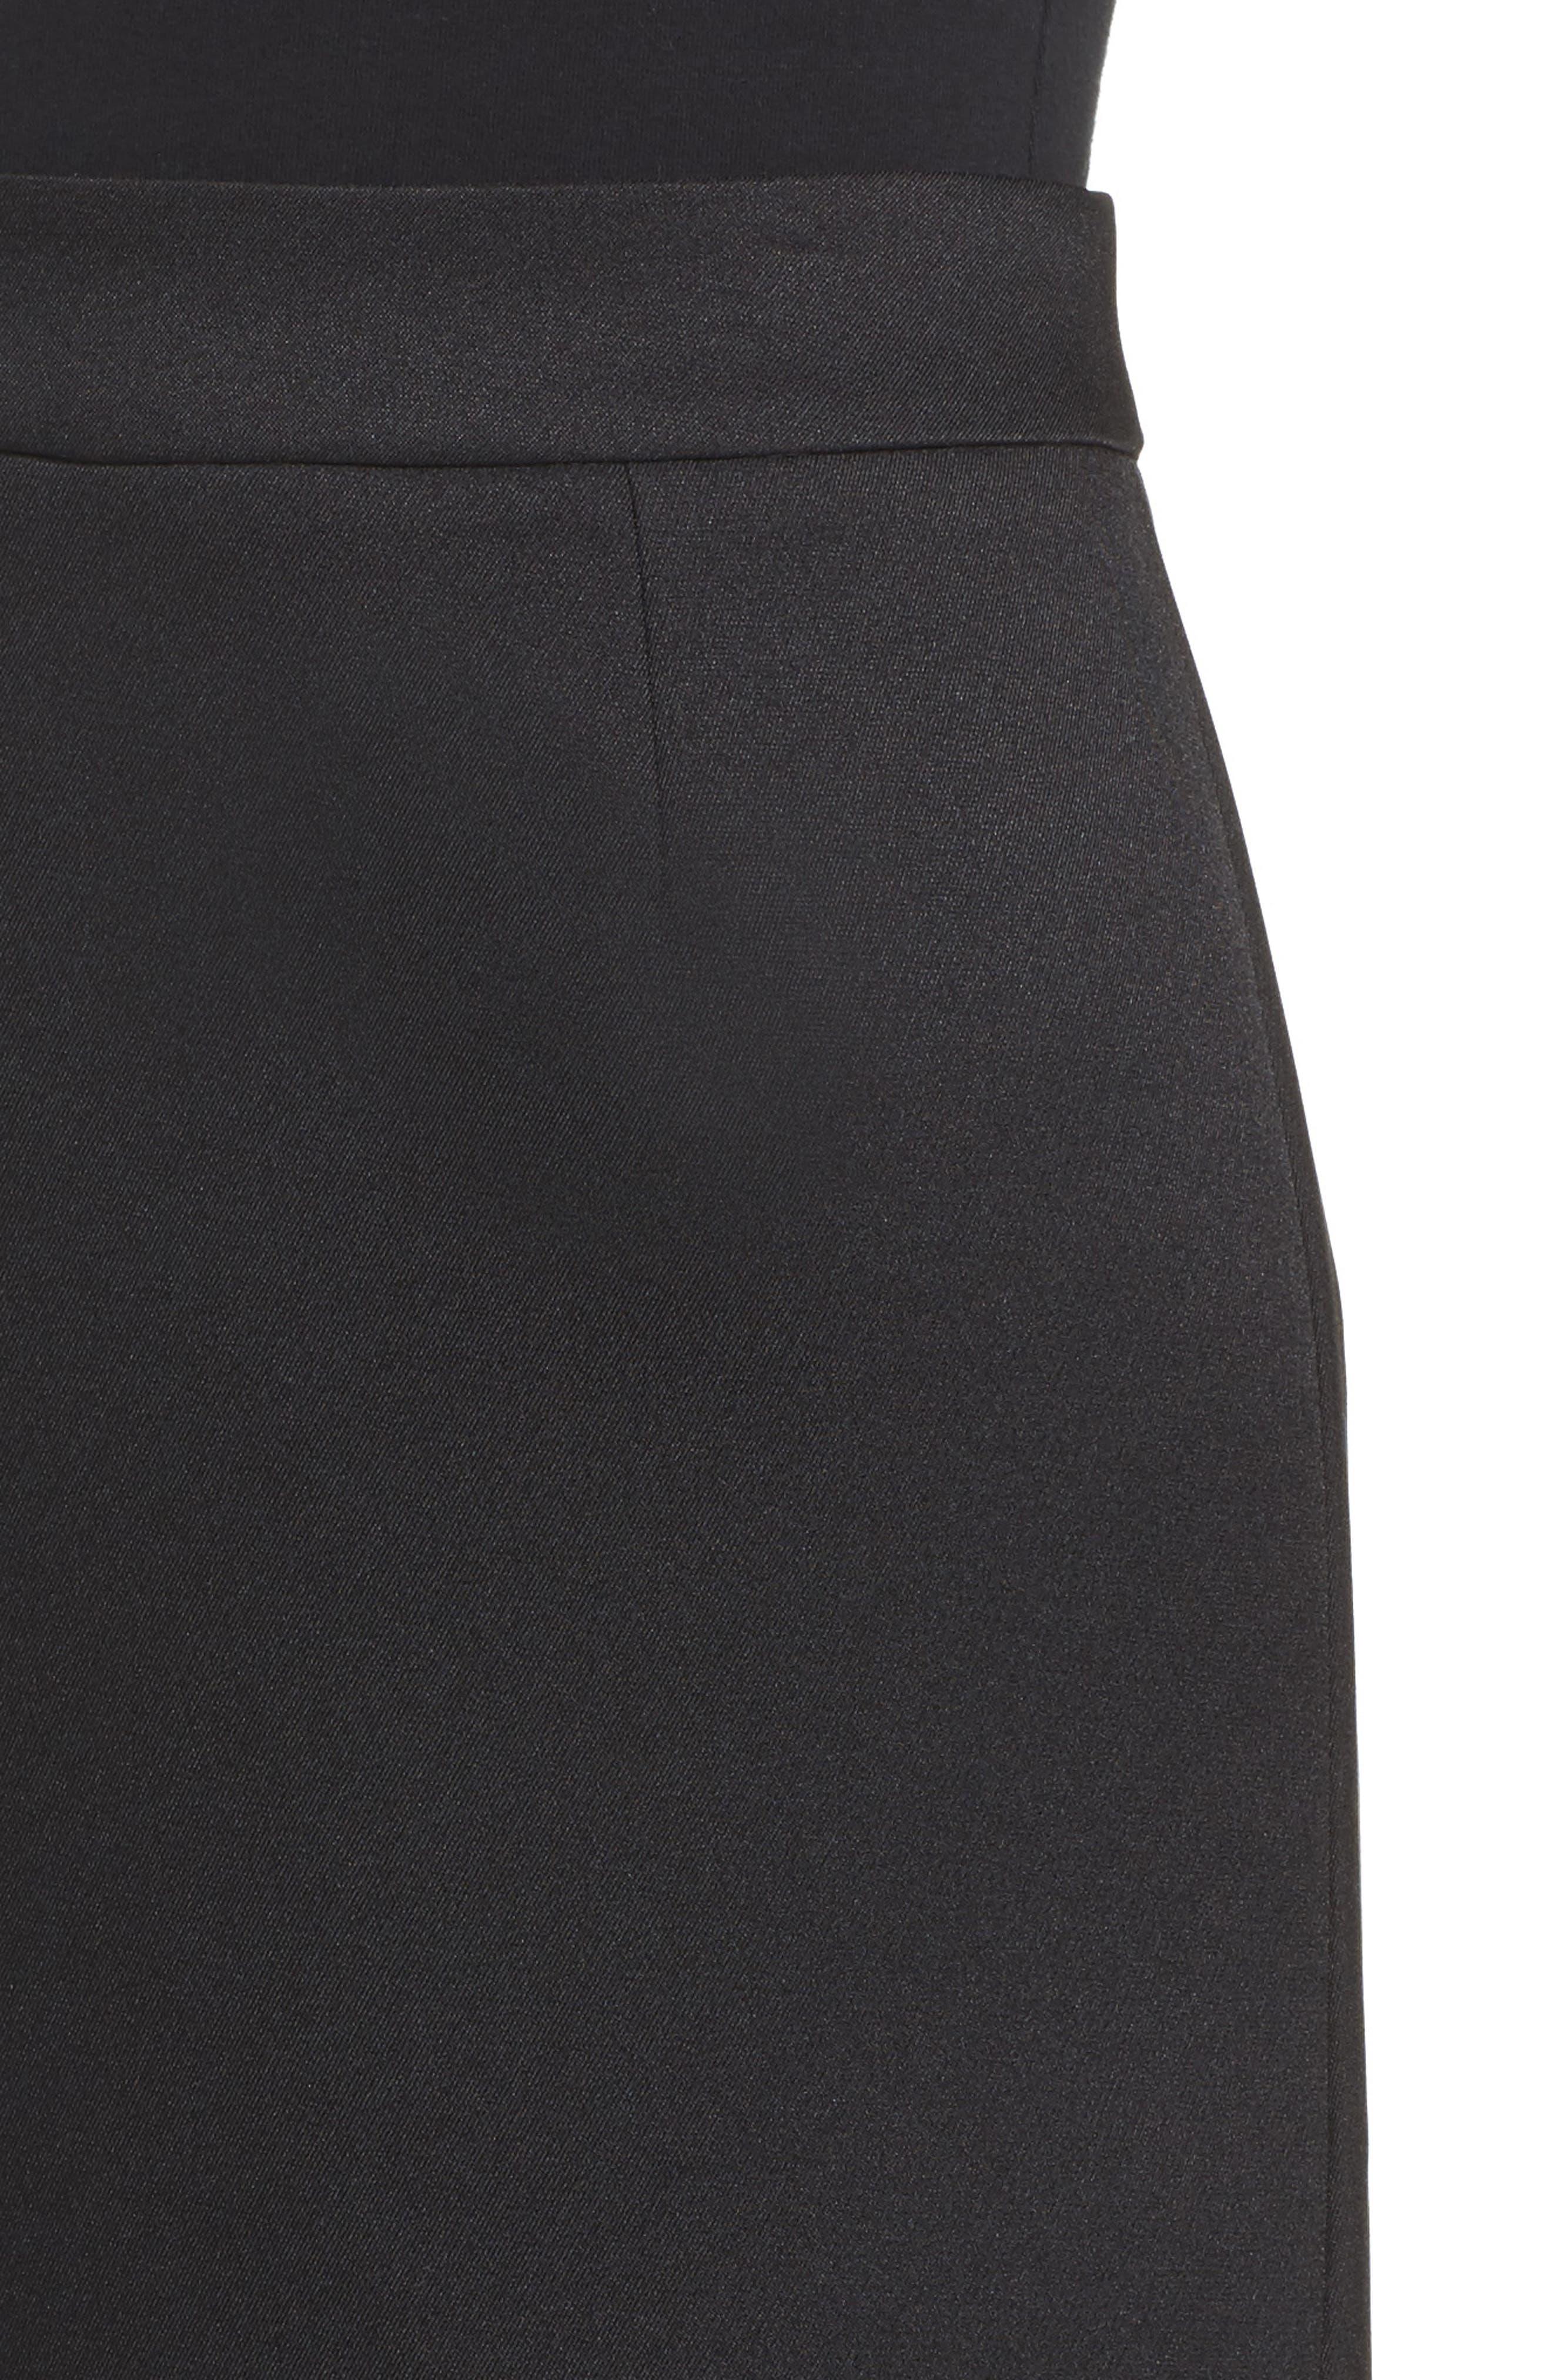 Neve Skirt,                             Alternate thumbnail 4, color,                             001